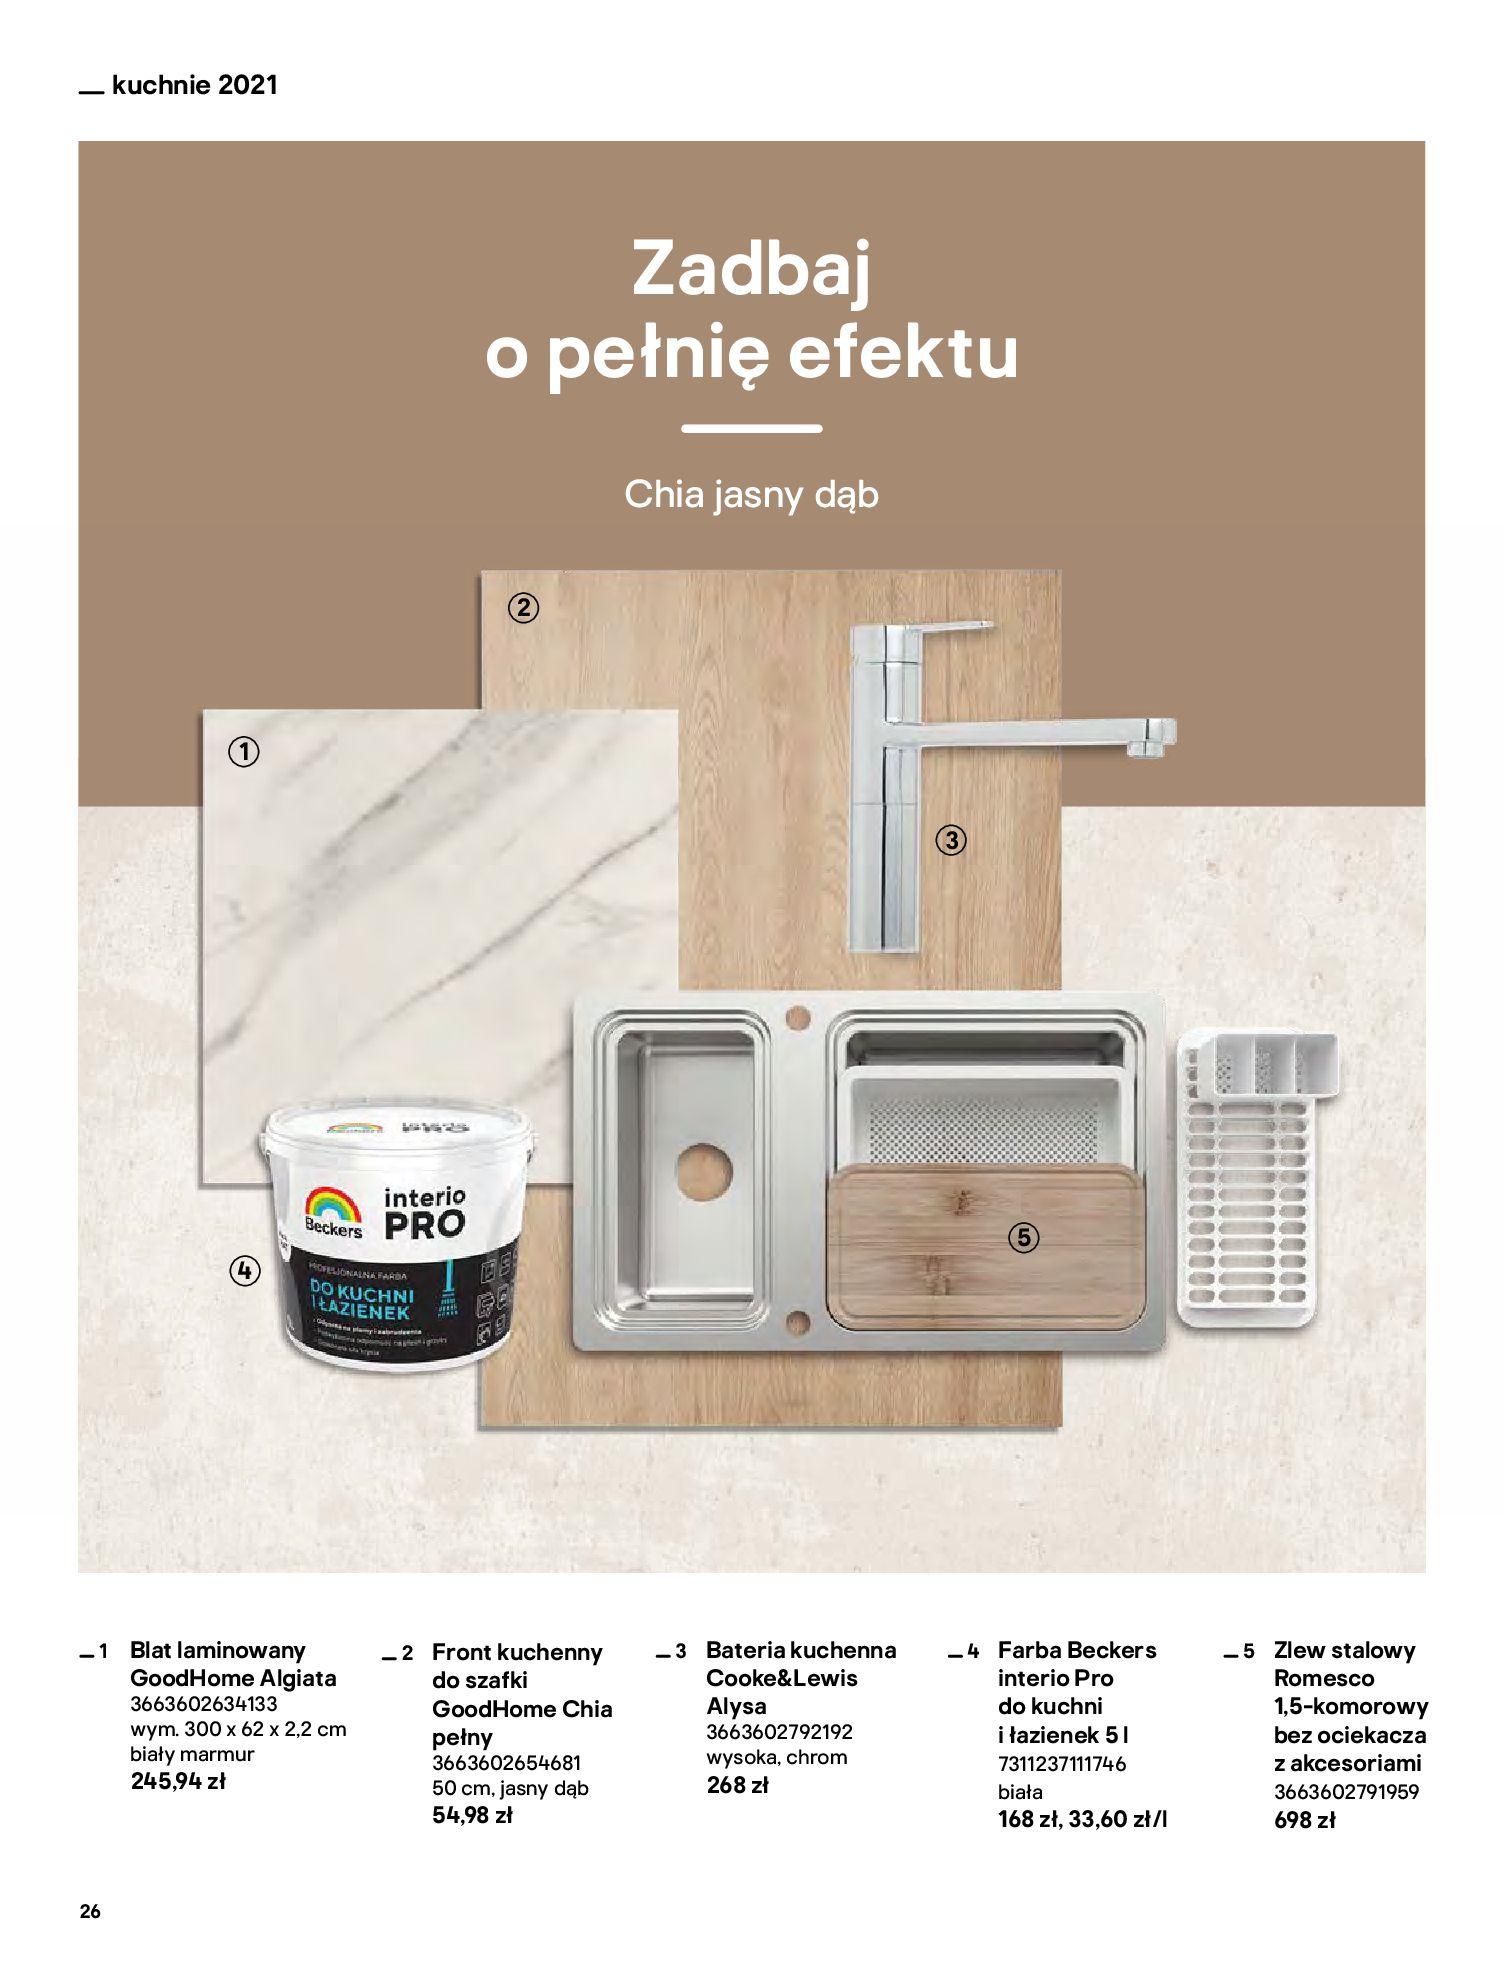 Gazetka Castorama: Katalog kuchnie 2021 2021-05-04 page-26